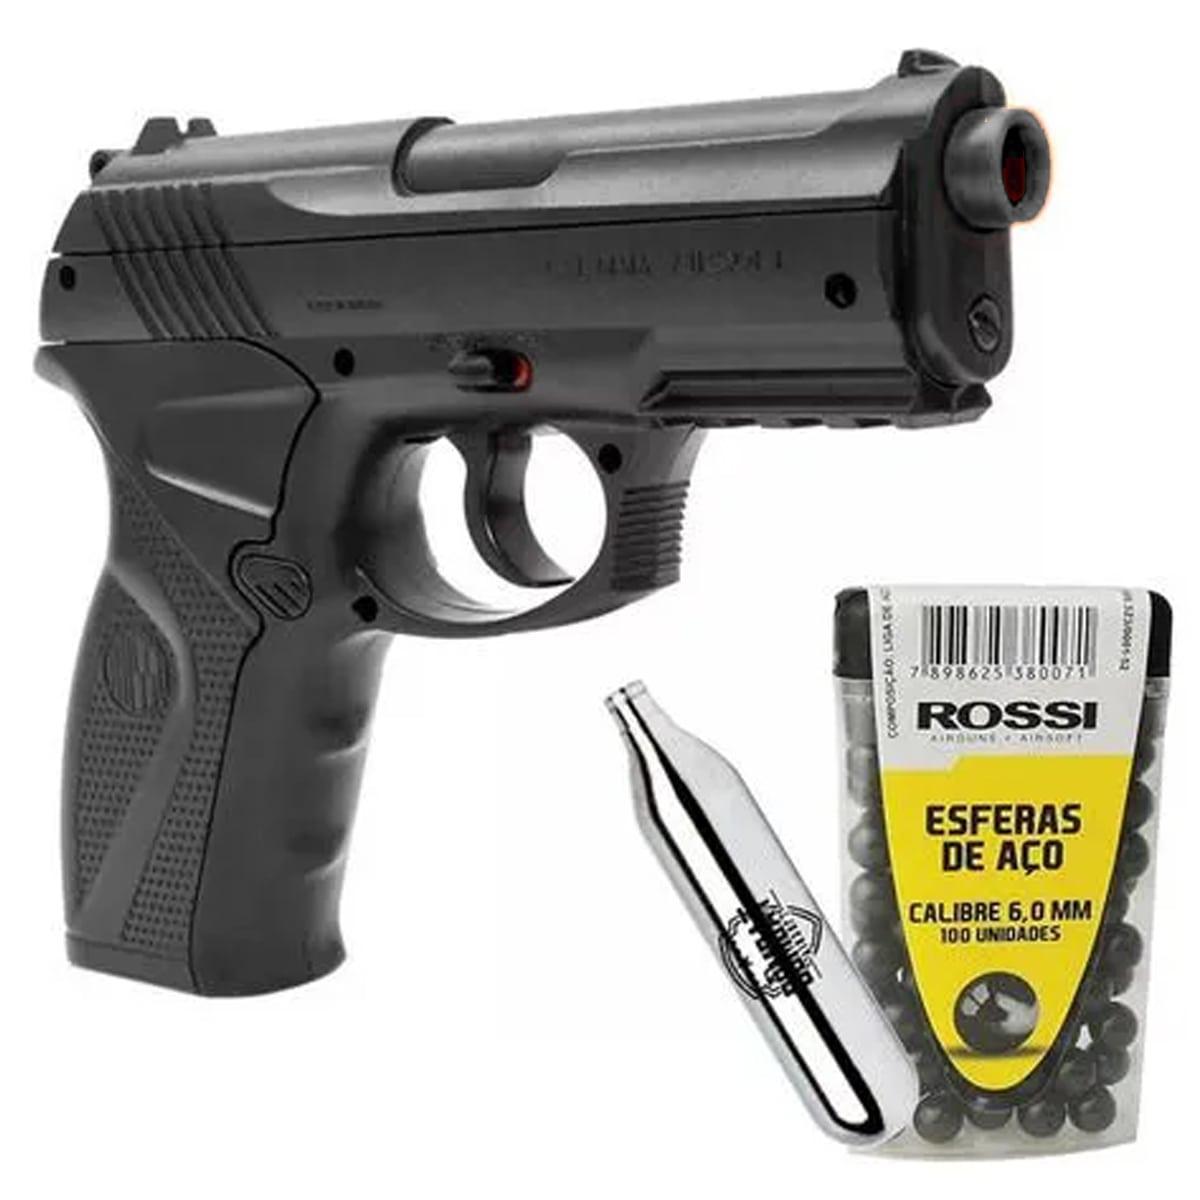 Pistola de Pressão Wingun C11 Rossi 6mm CO2 492 FPS + Esferas de Aço